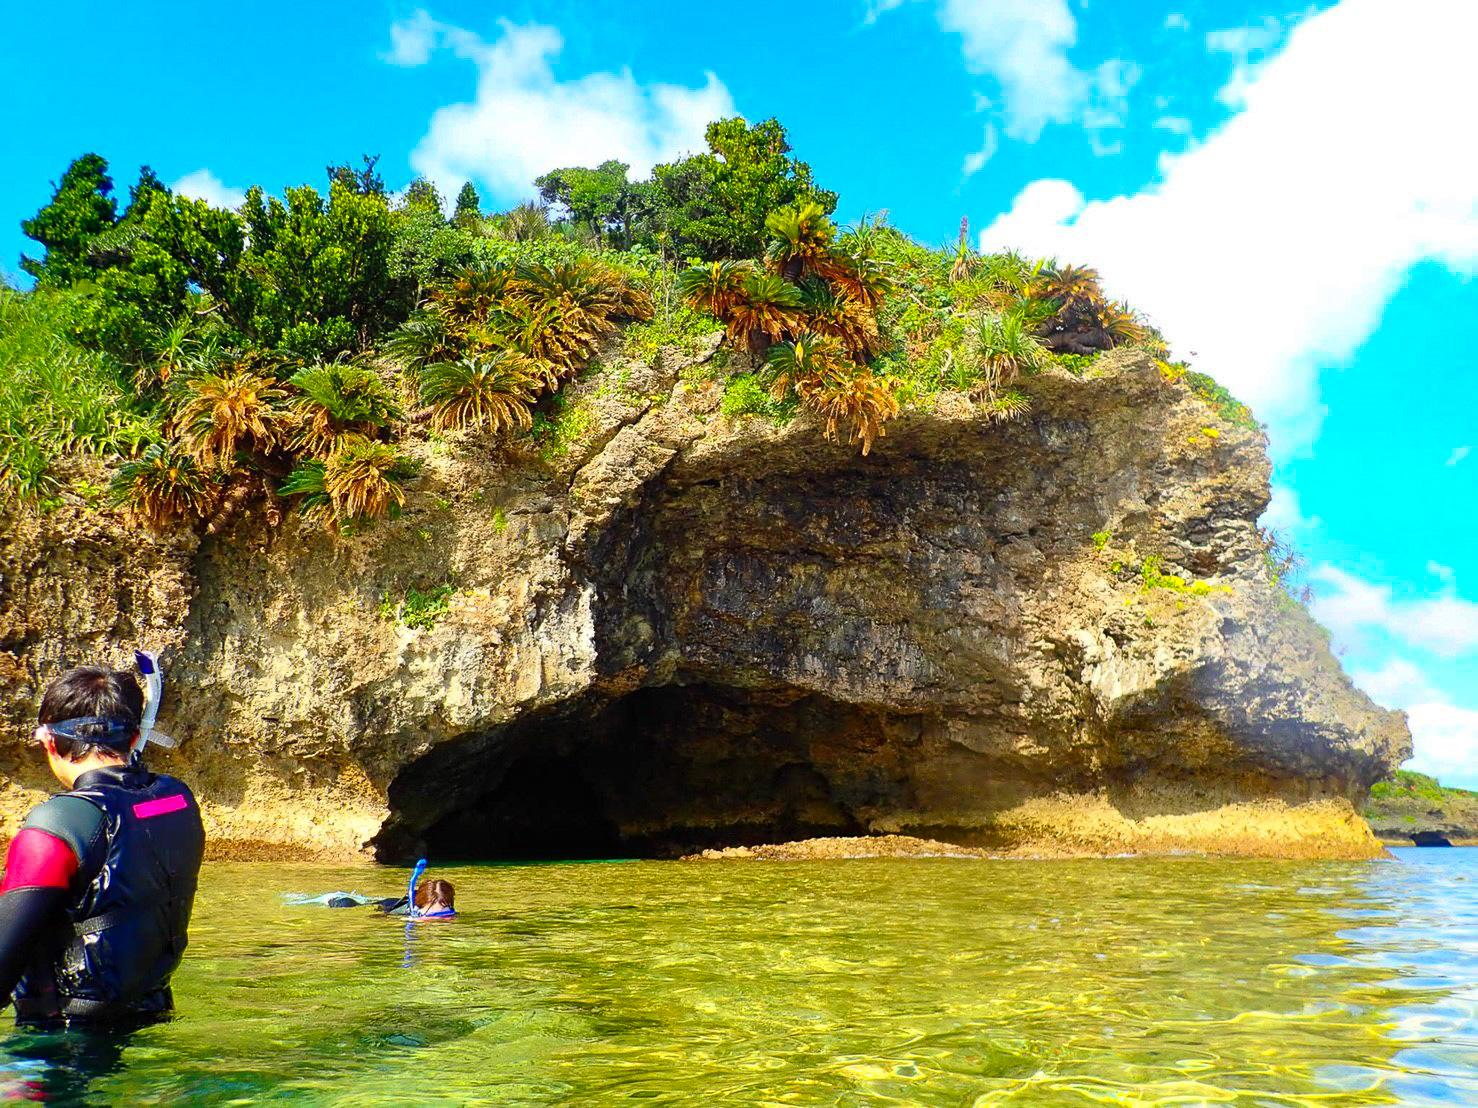 石垣島の青の洞窟でシュノーケルを楽しむ人々